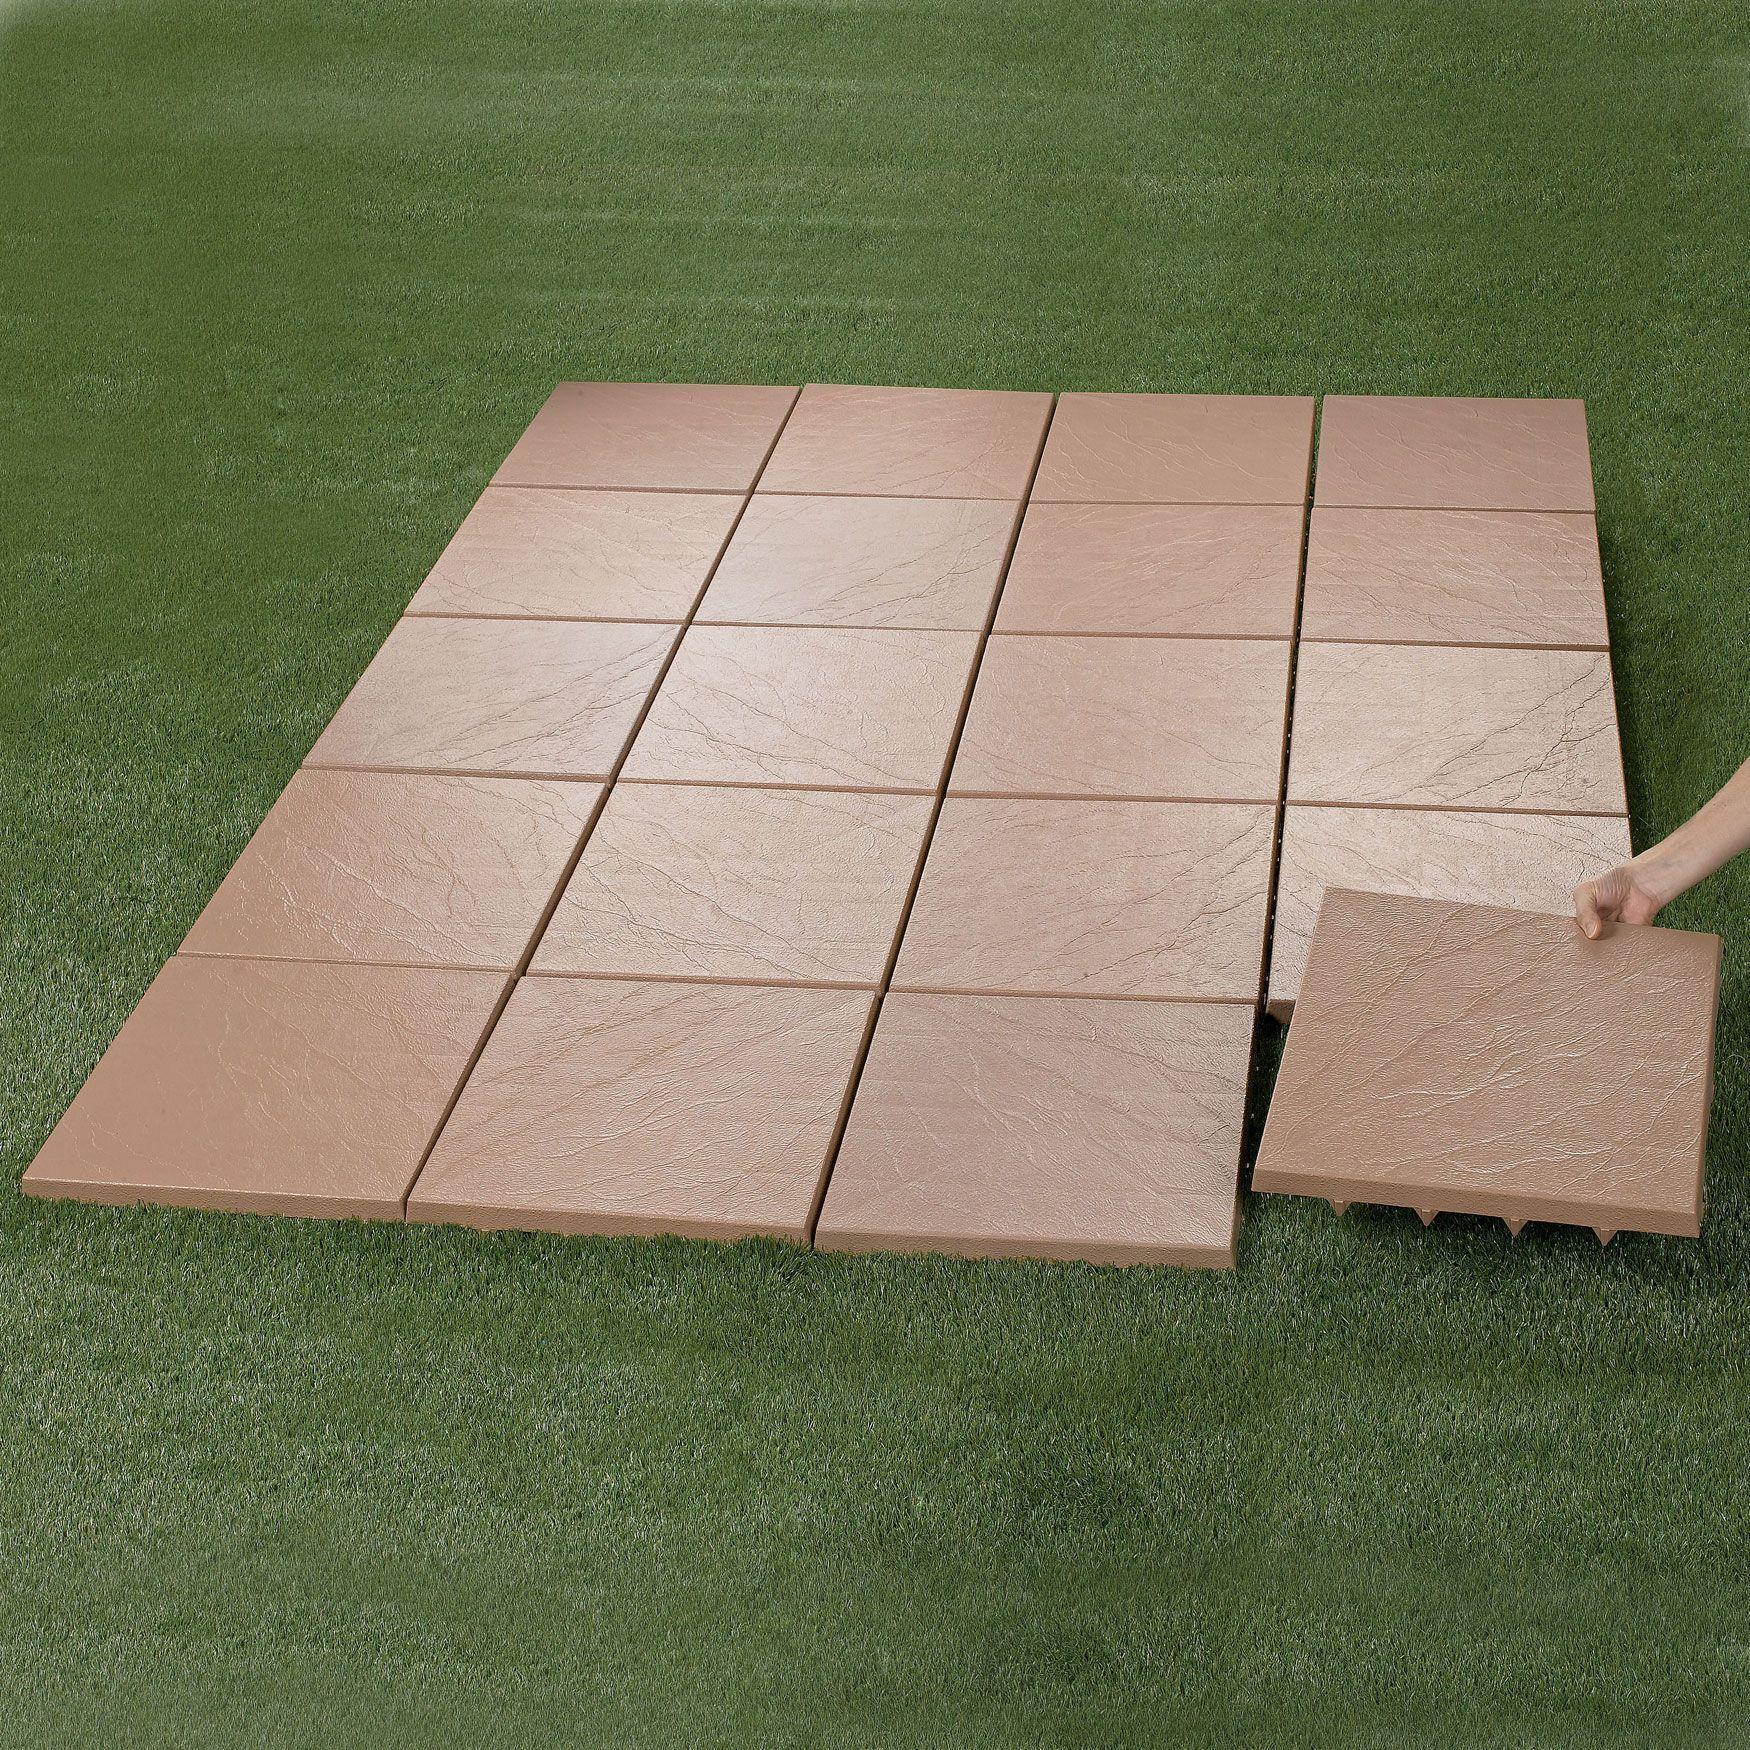 73 cheap patio floor ideas cheap patio floor ideas easy